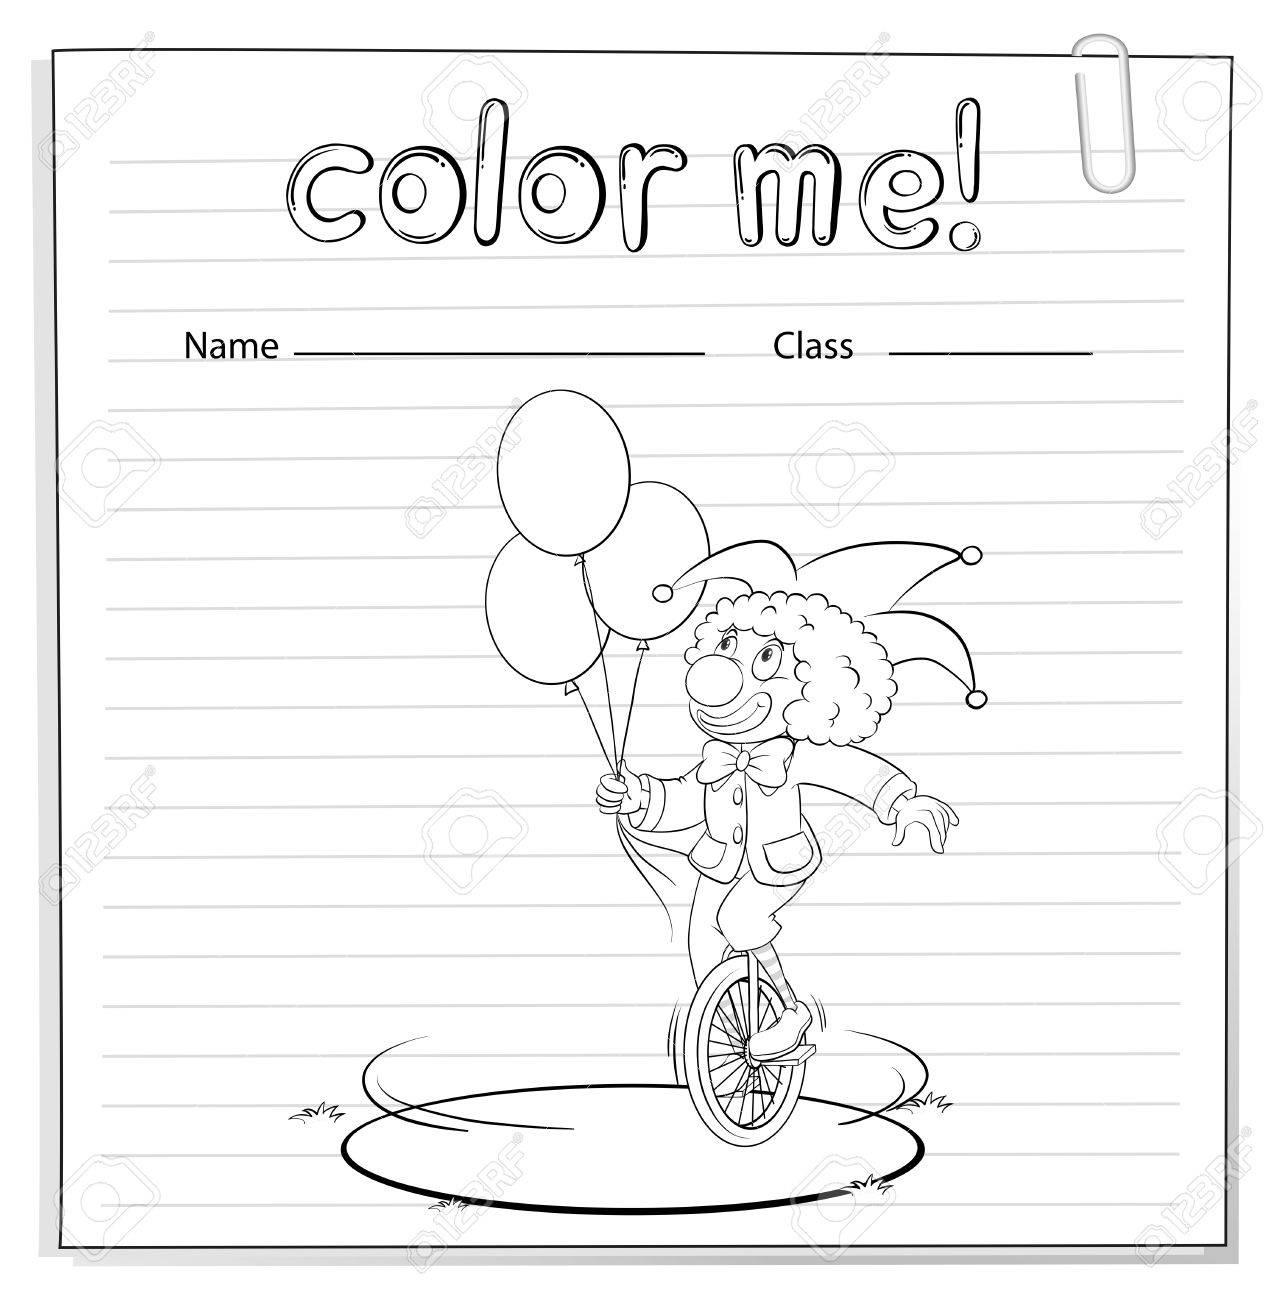 Coloring Arbeitsblatt Mit Ein Clown Mit Luftballons Auf Weißem ...